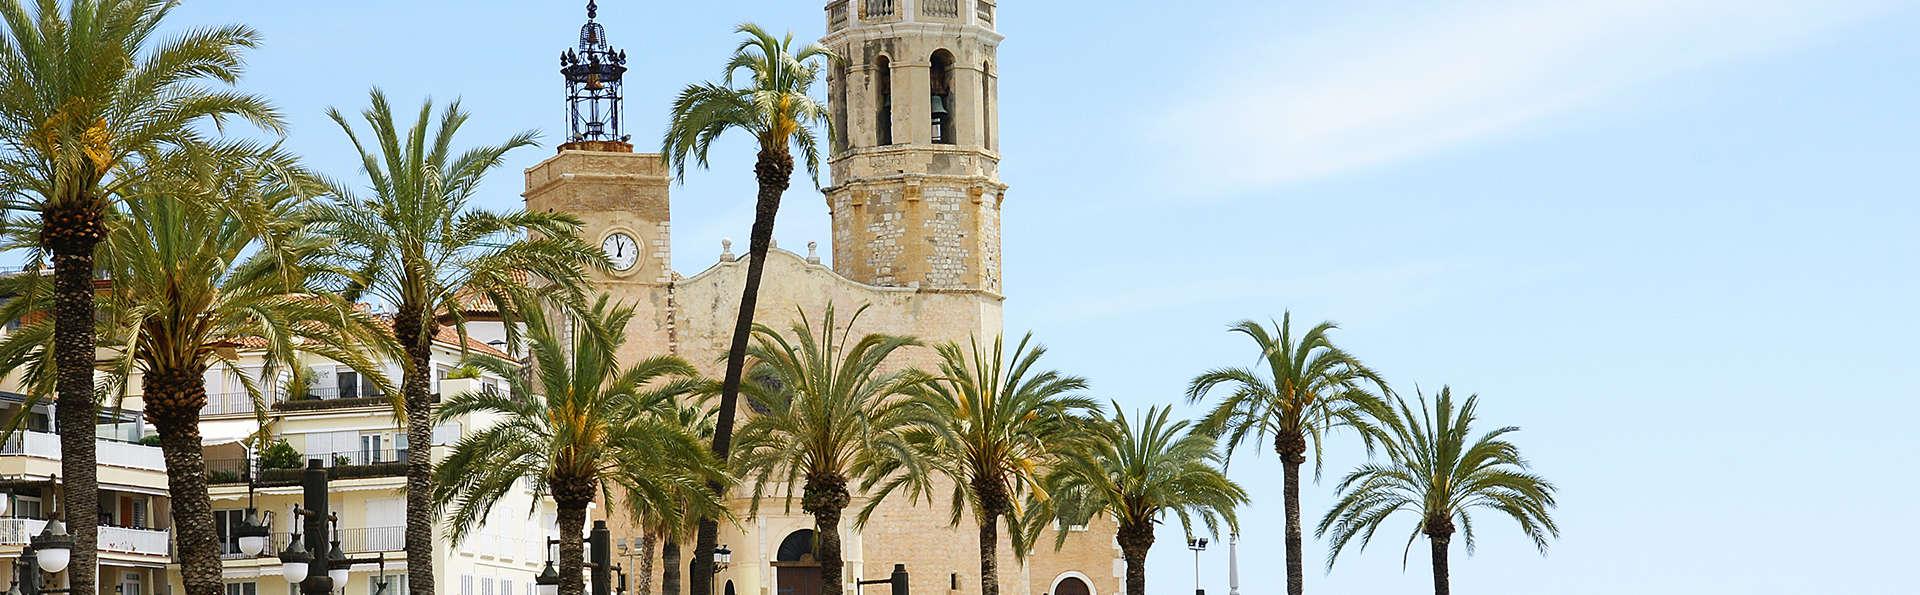 La Santa María - EDIT_Sitges-1.jpg